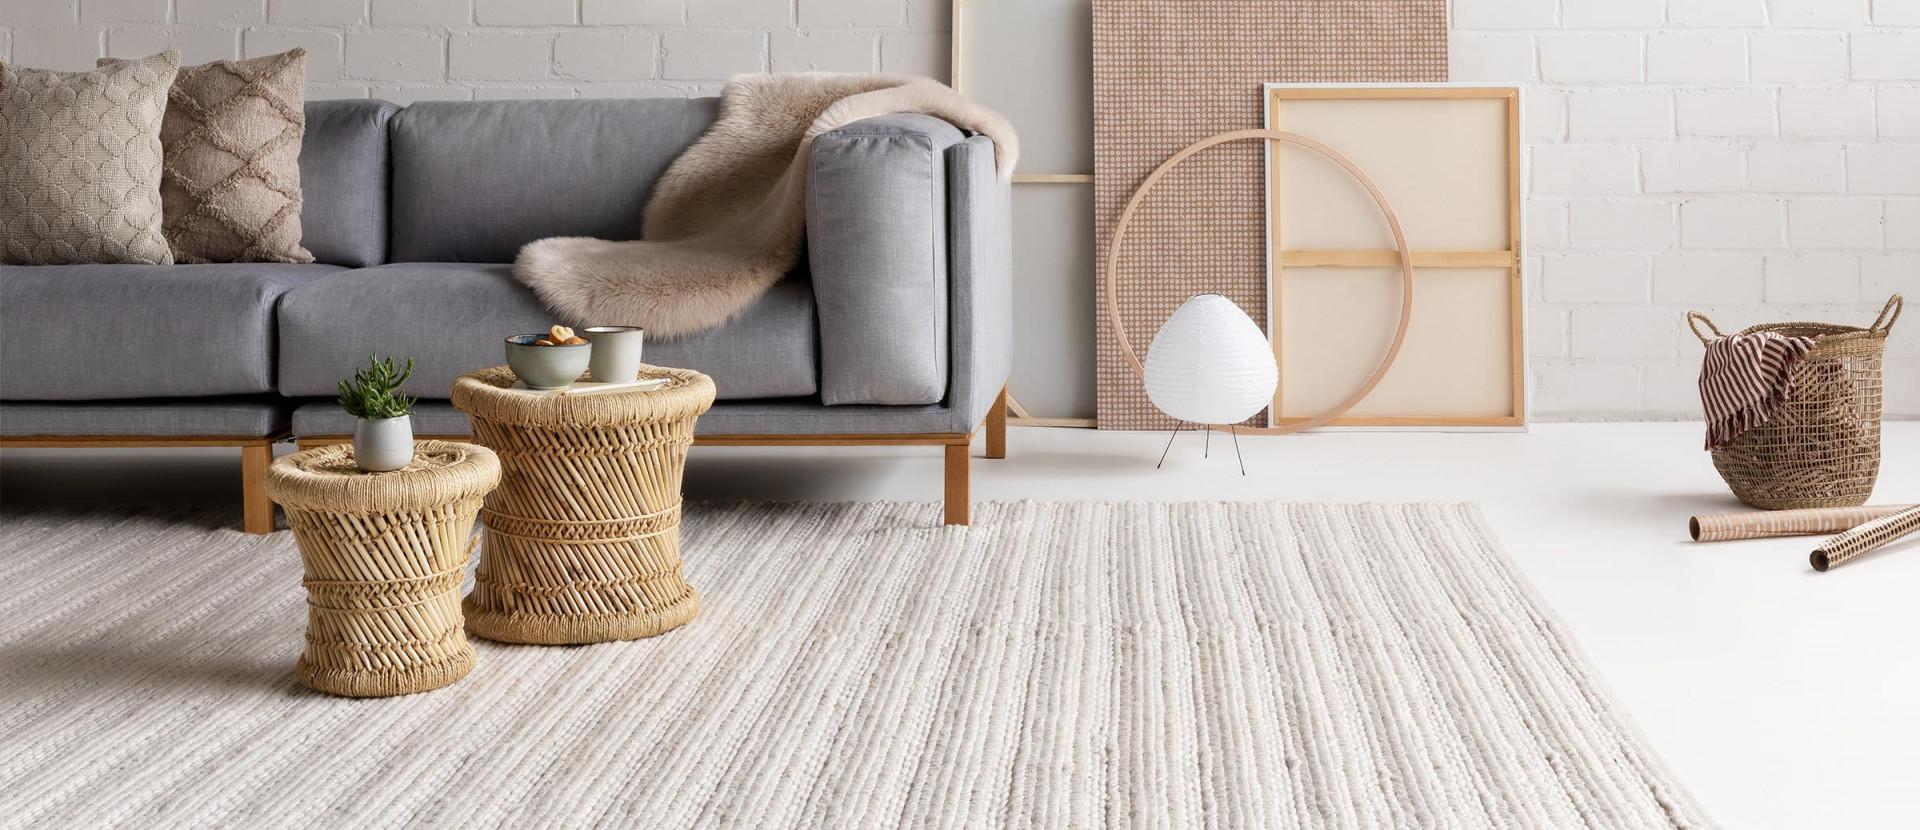 Welcher Teppich Passt Zu Mir  Hilfreiche Tipps von Teppich Wohnzimmer Wolle Bild